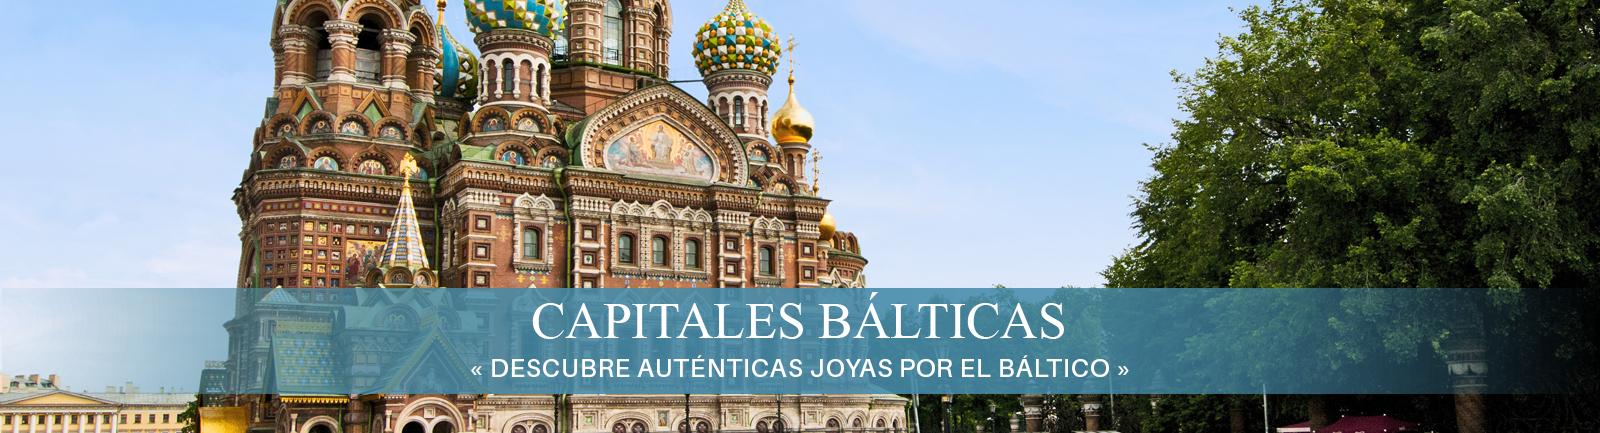 Cruceros por el Bálticos